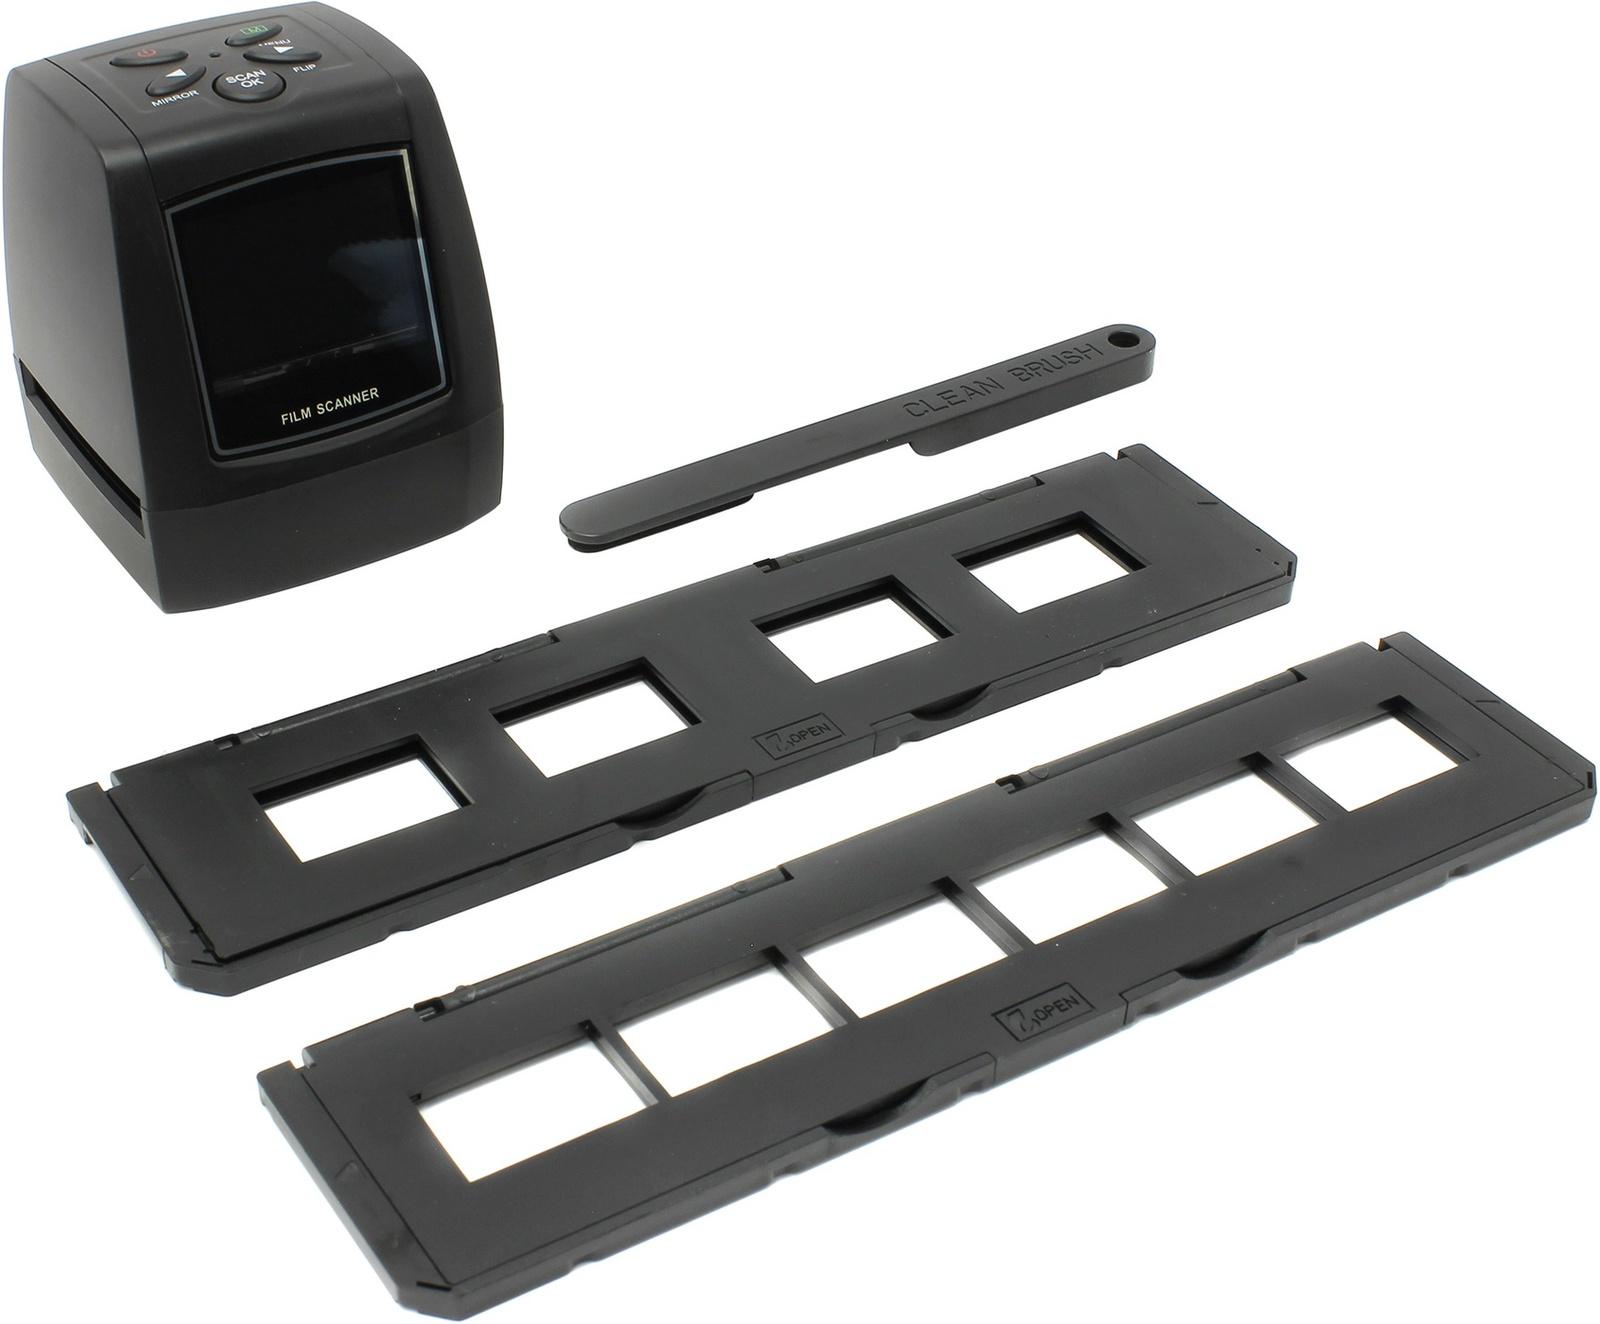 FilmScanner EC718, Espada ,Автономный компактный слайд-сканер с цветным LCD экраном - для пленок 35 мм и слайдов Espada